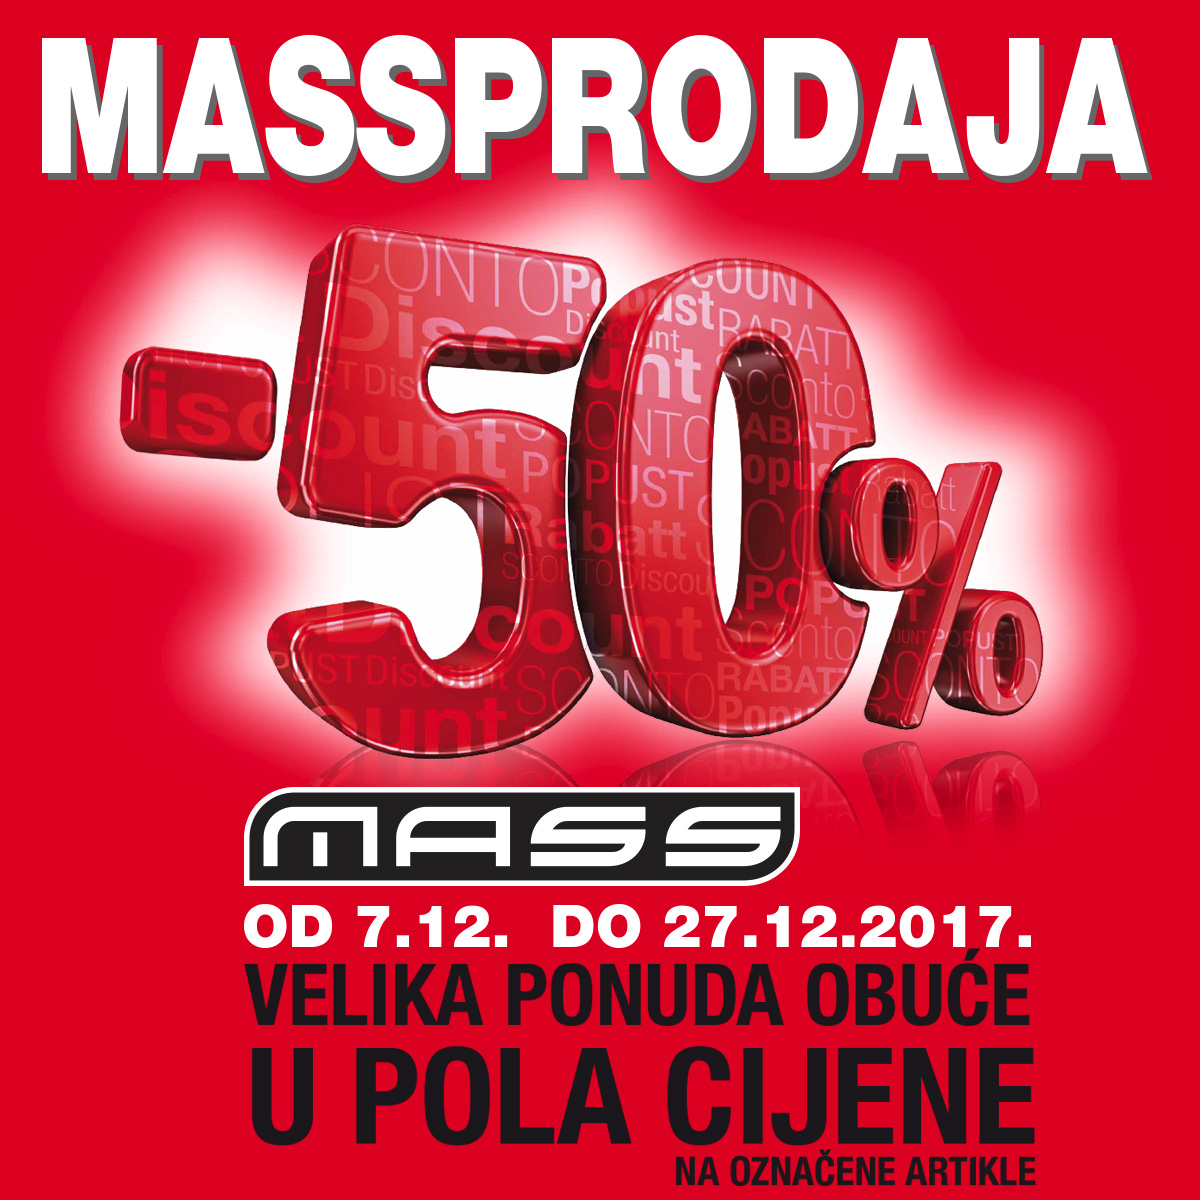 mass split massprodaja akcije popusti